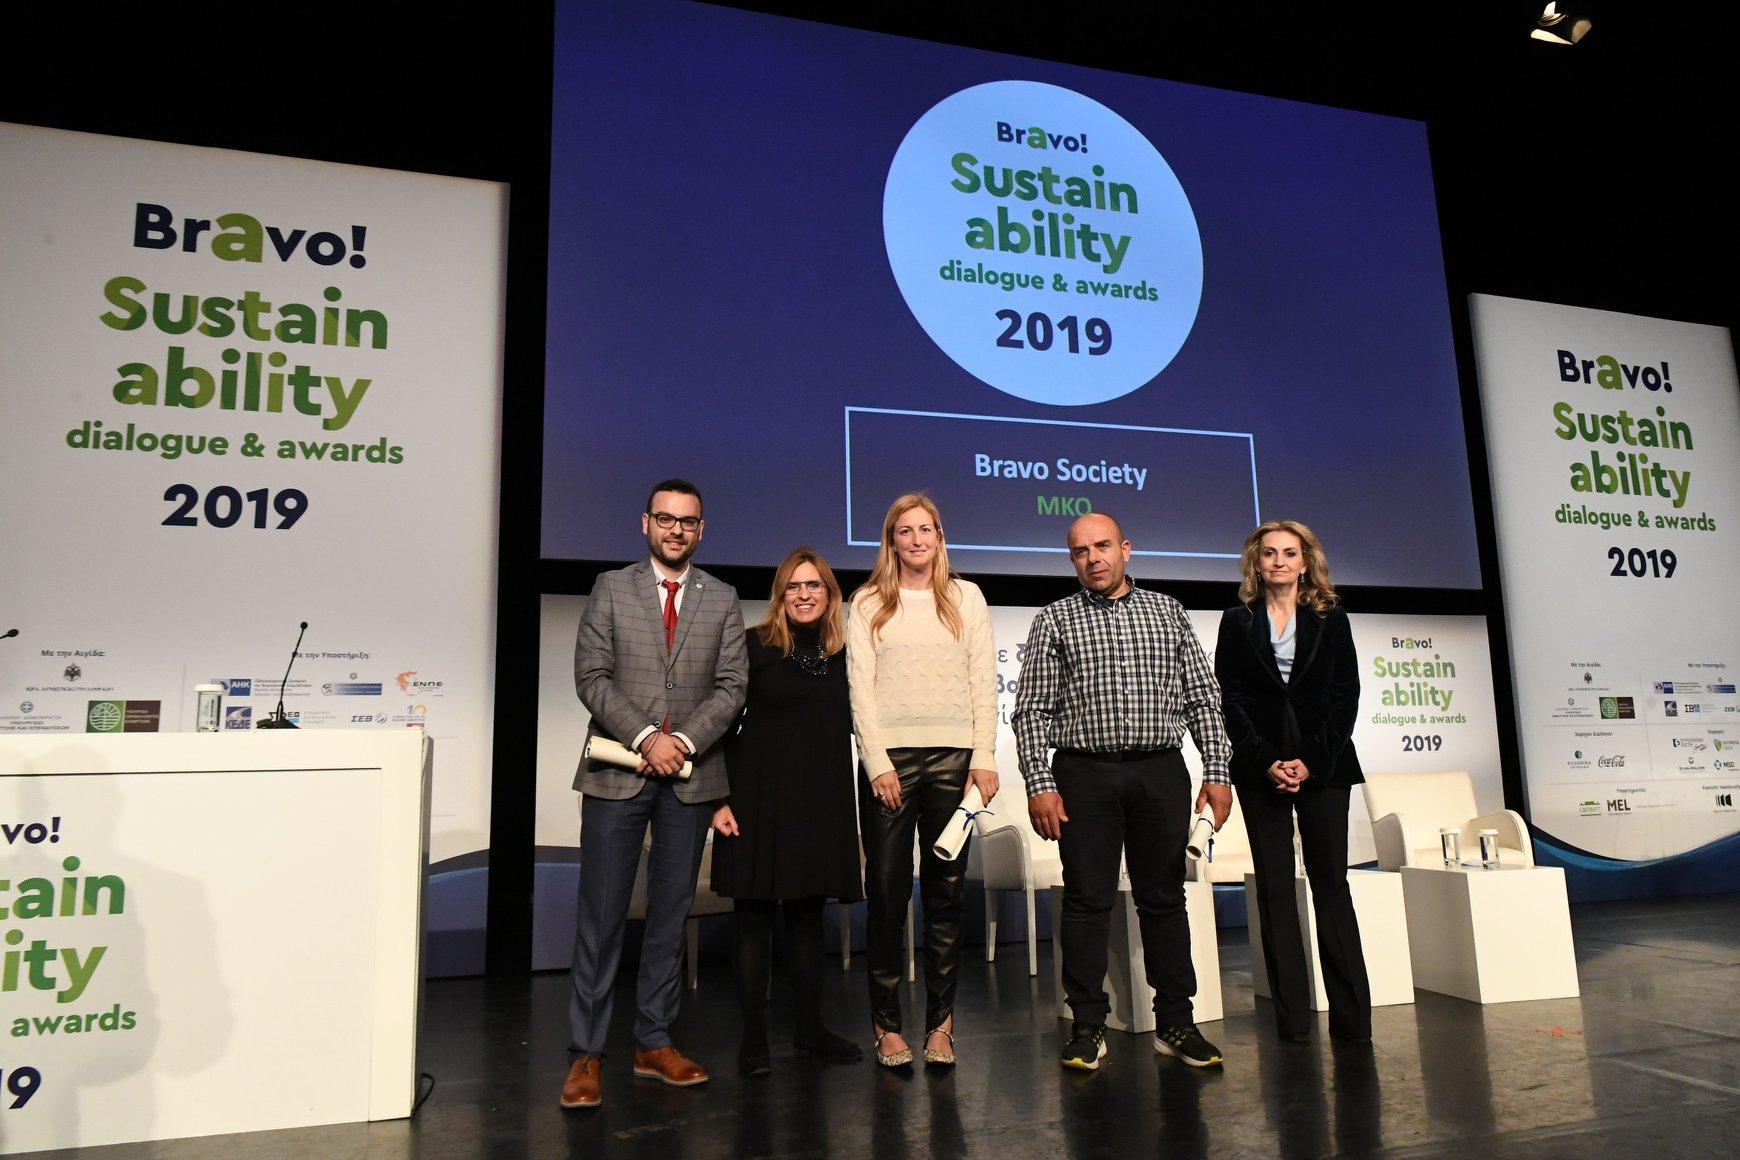 Το Xanthi Techlab βραβεύτηκε στo Bravo Sustainable Dialogue & Awards